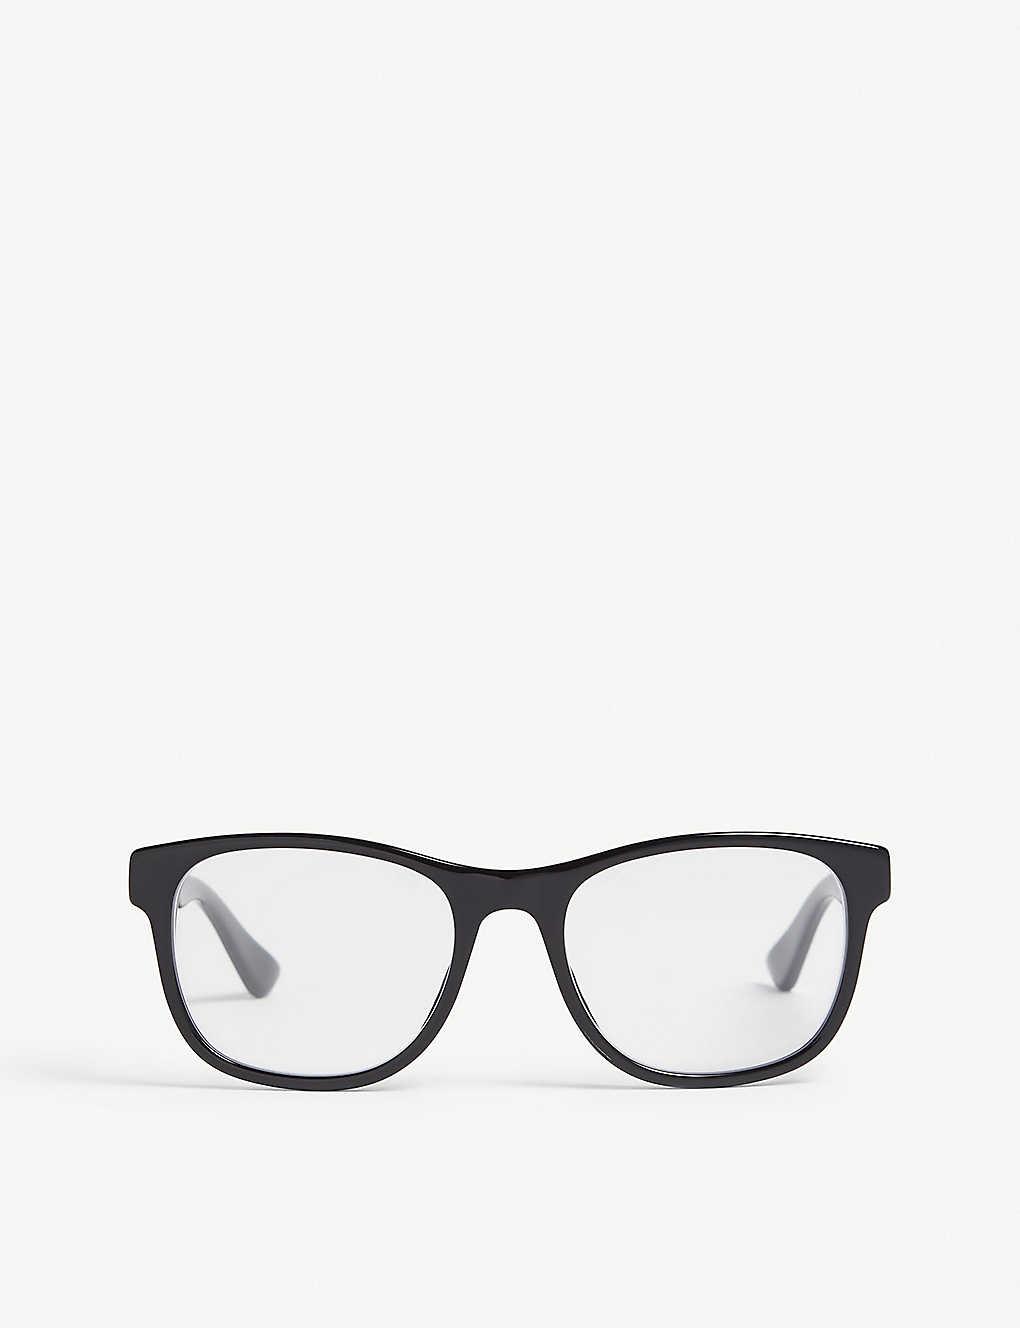 e453111e0c78 GUCCI - GG0004O square-frame glasses | Selfridges.com